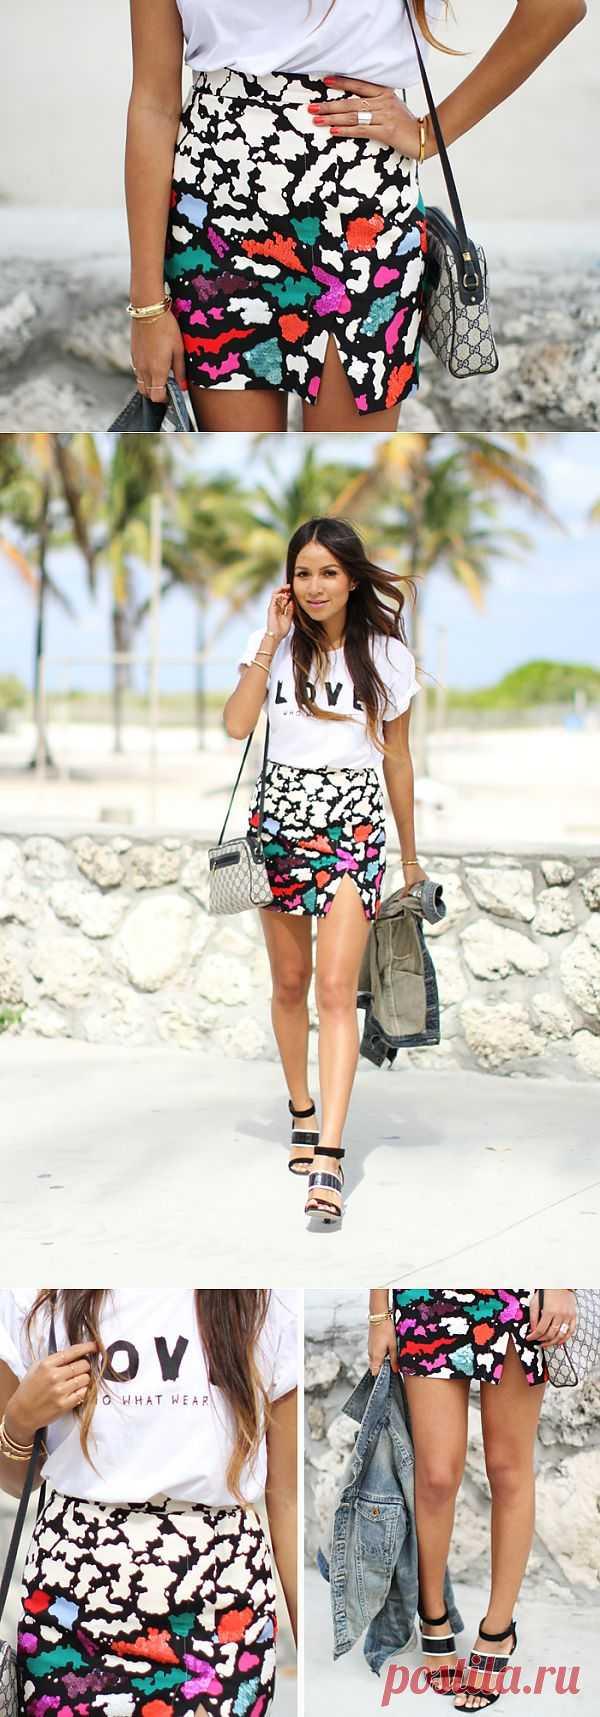 Идея переделки юбки / Юбки и их переделки / Модный сайт о стильной переделке одежды и интерьера